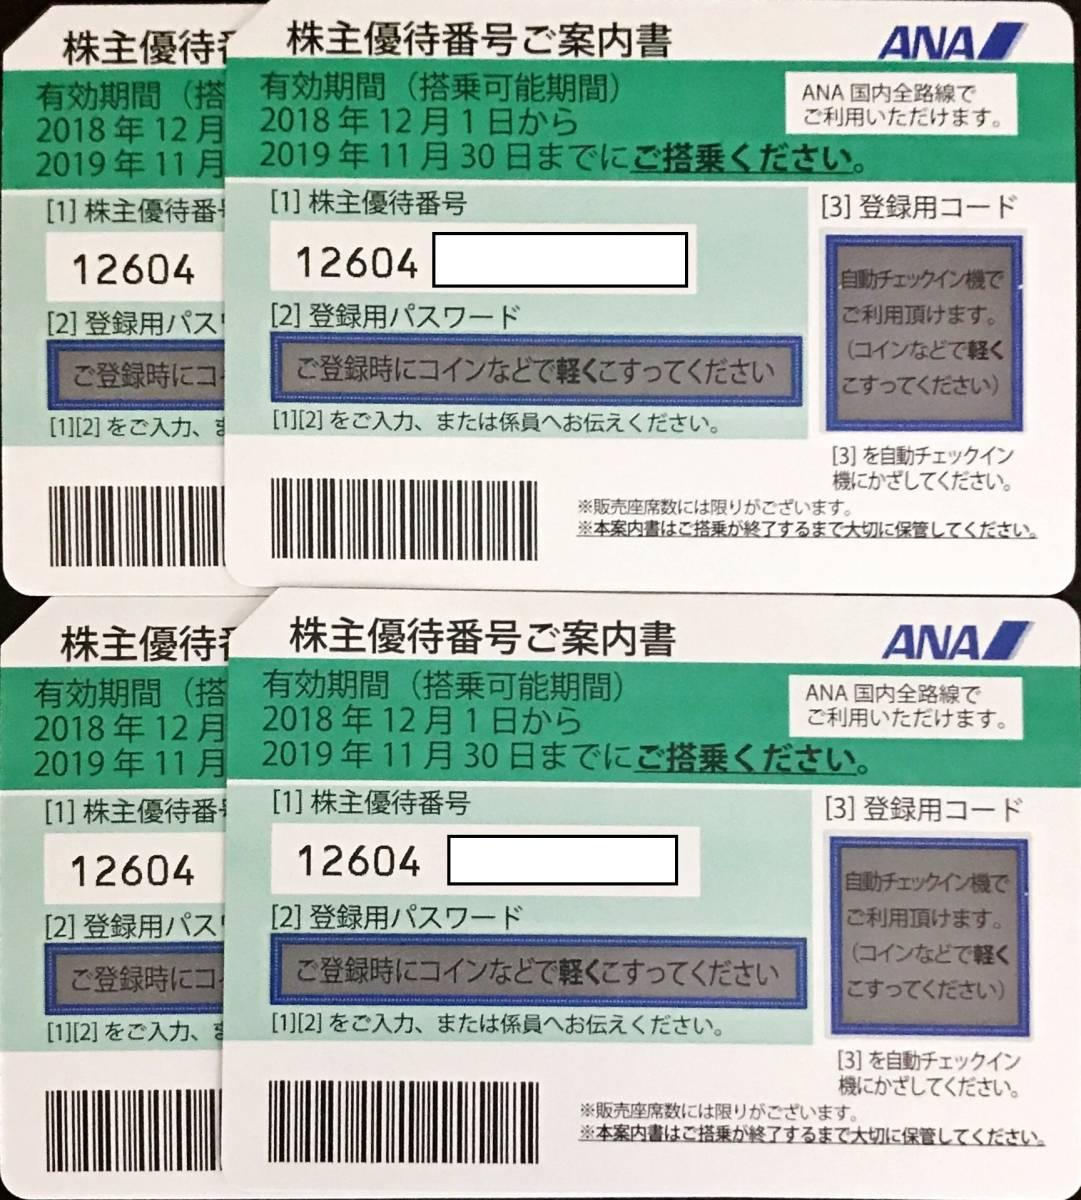 ★★ANA株主優待 4枚セット★★ 送料出品者負担 2019.11.30迄有効